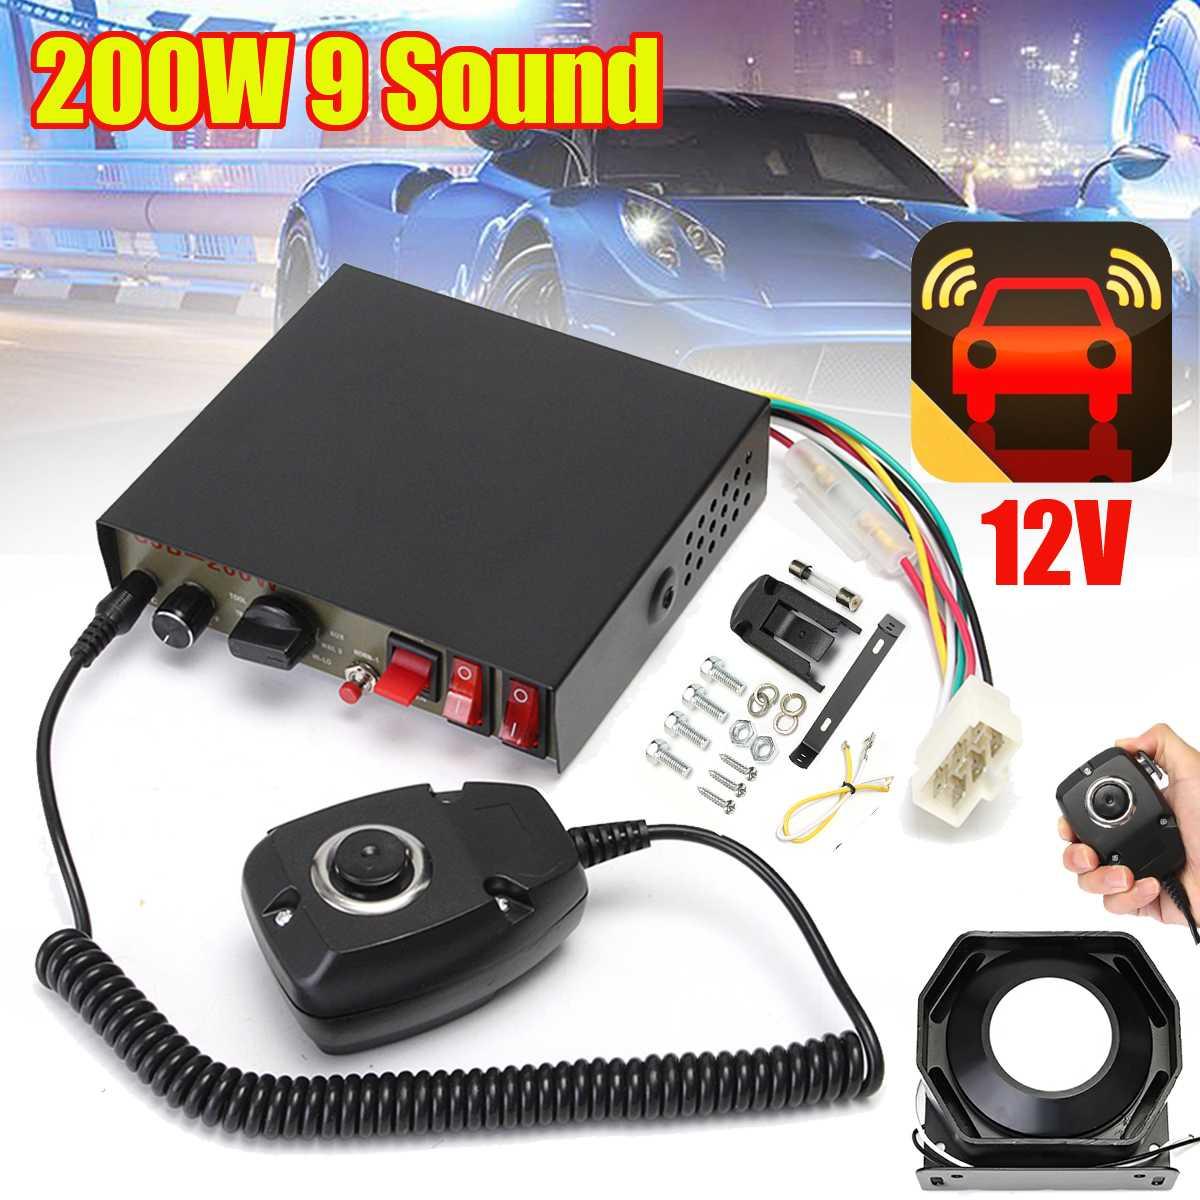 200 W haute qualité 9 son fort alarme d'avertissement de voiture 12 V Polic. e sirène klaxon PA haut-parleur micro système LED lumières contrôle nouveauté